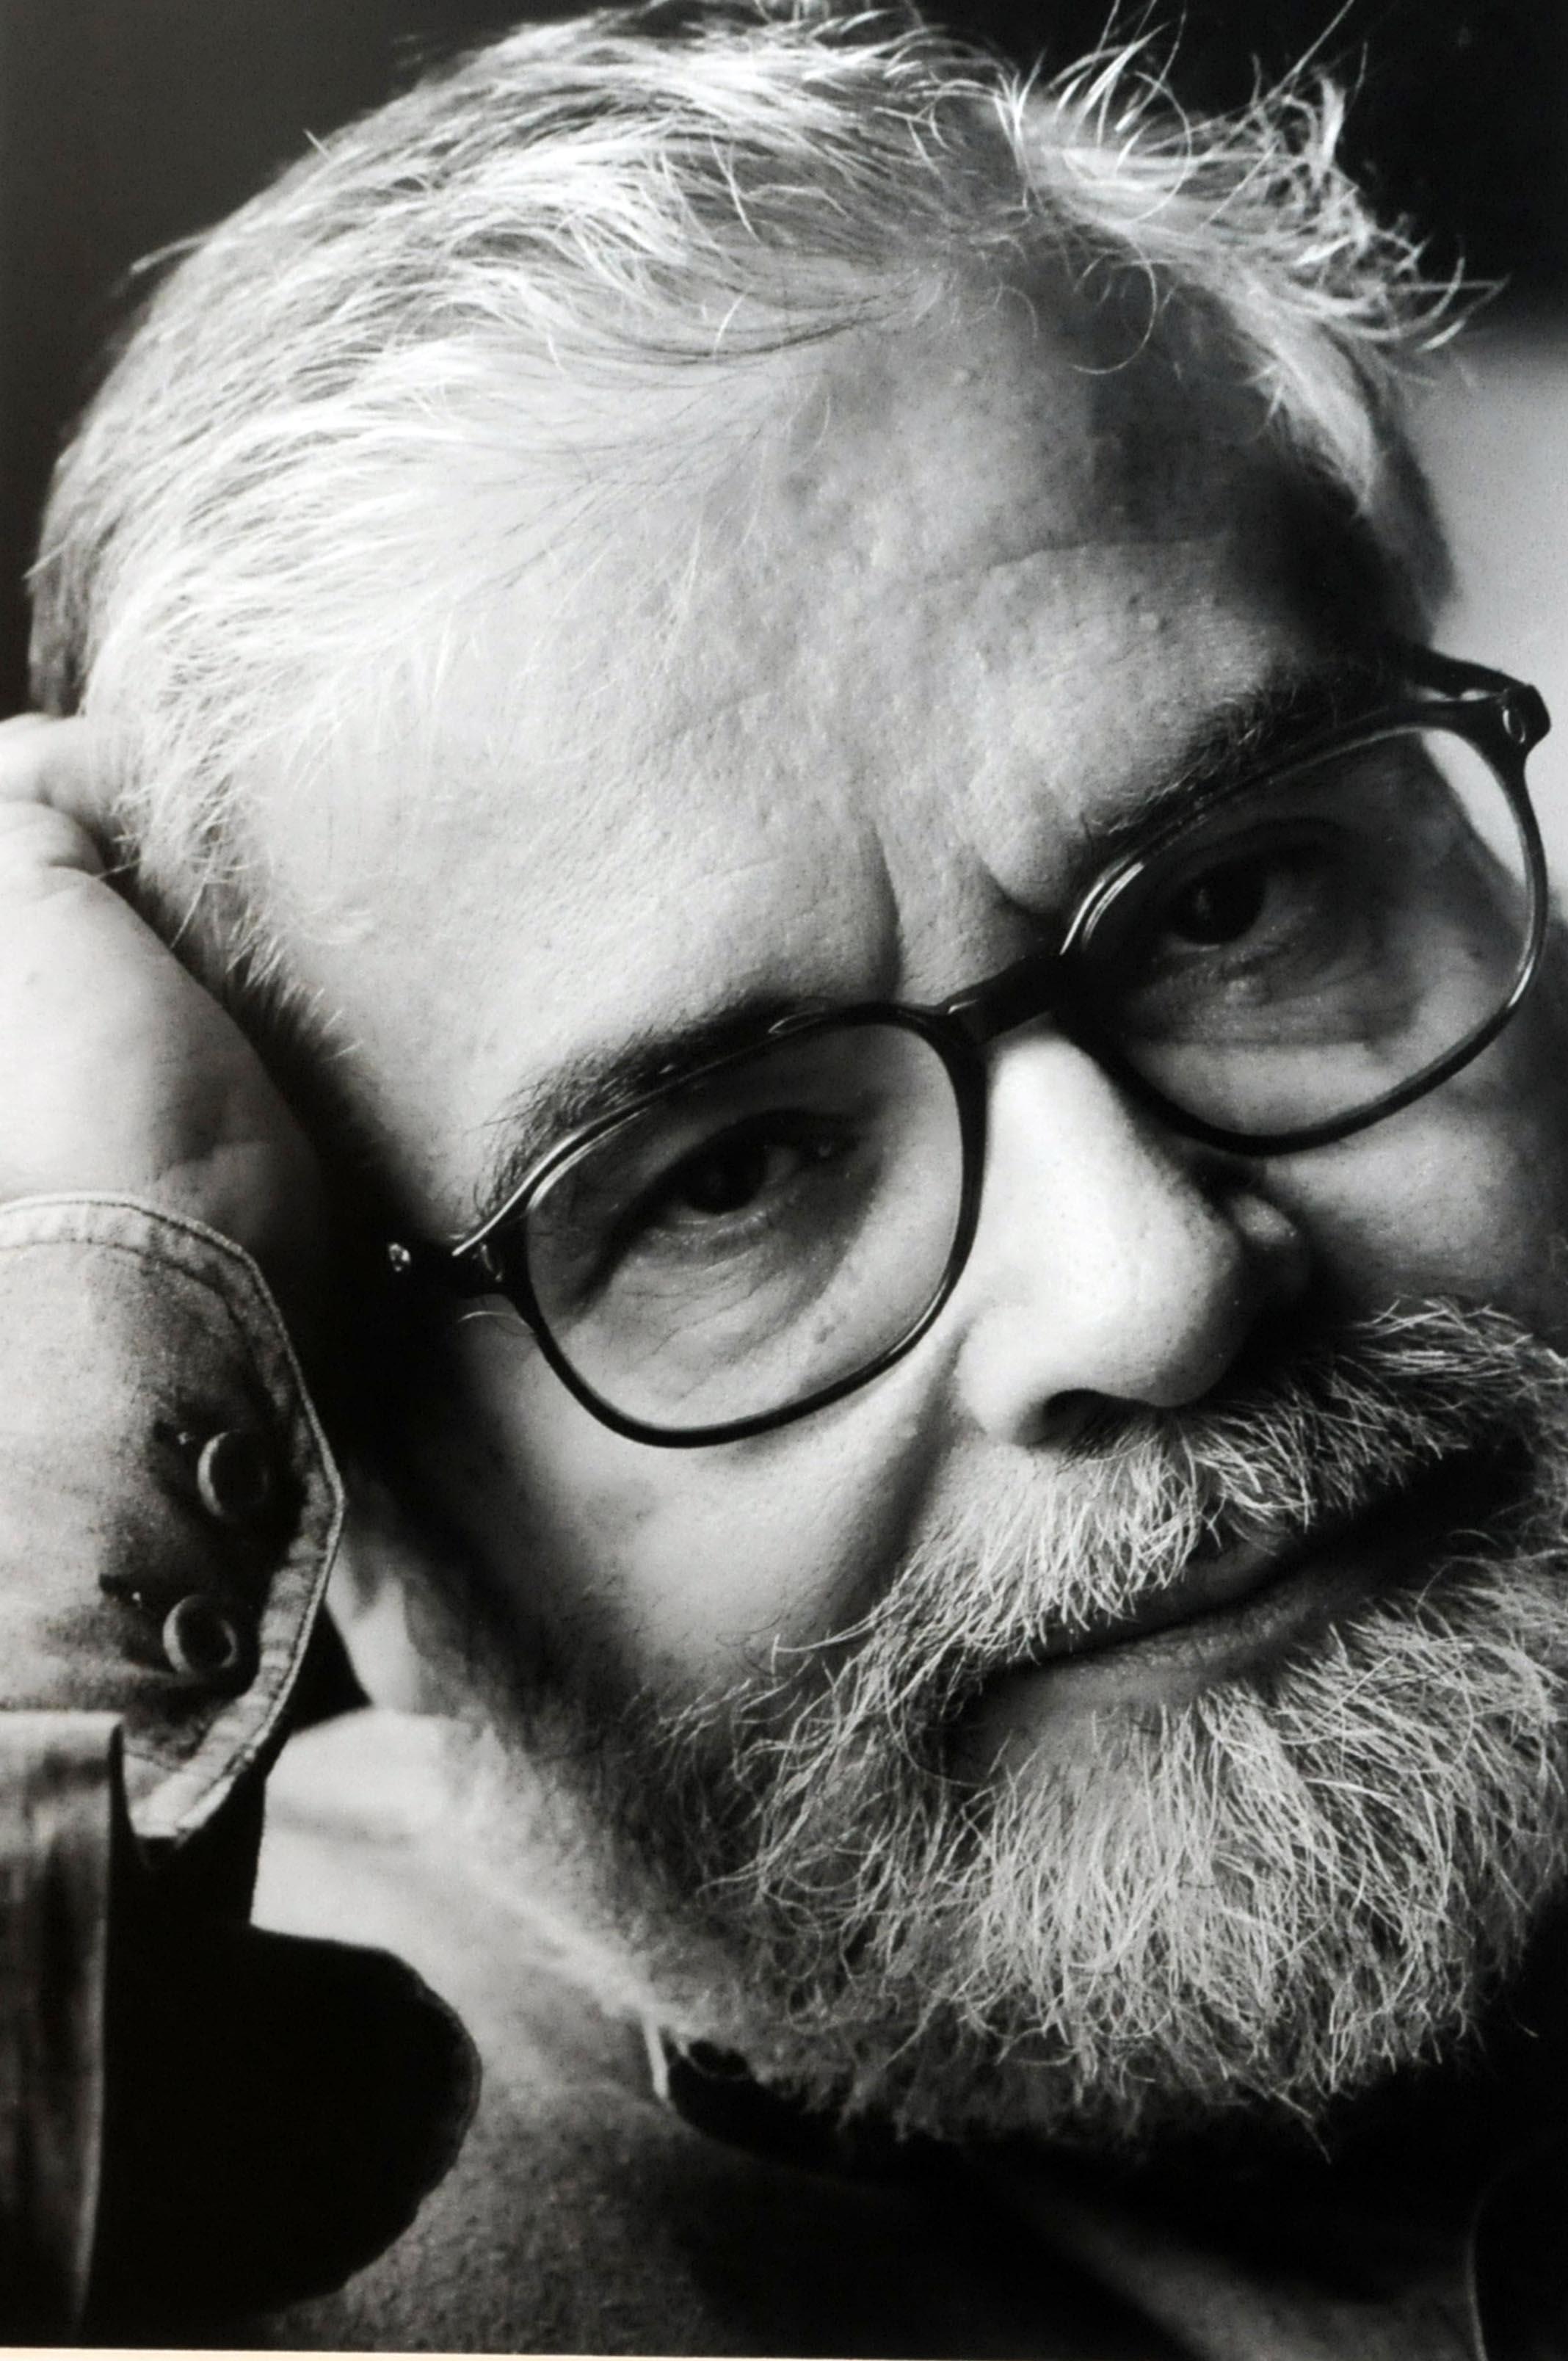 Eduardo Prado Coelho